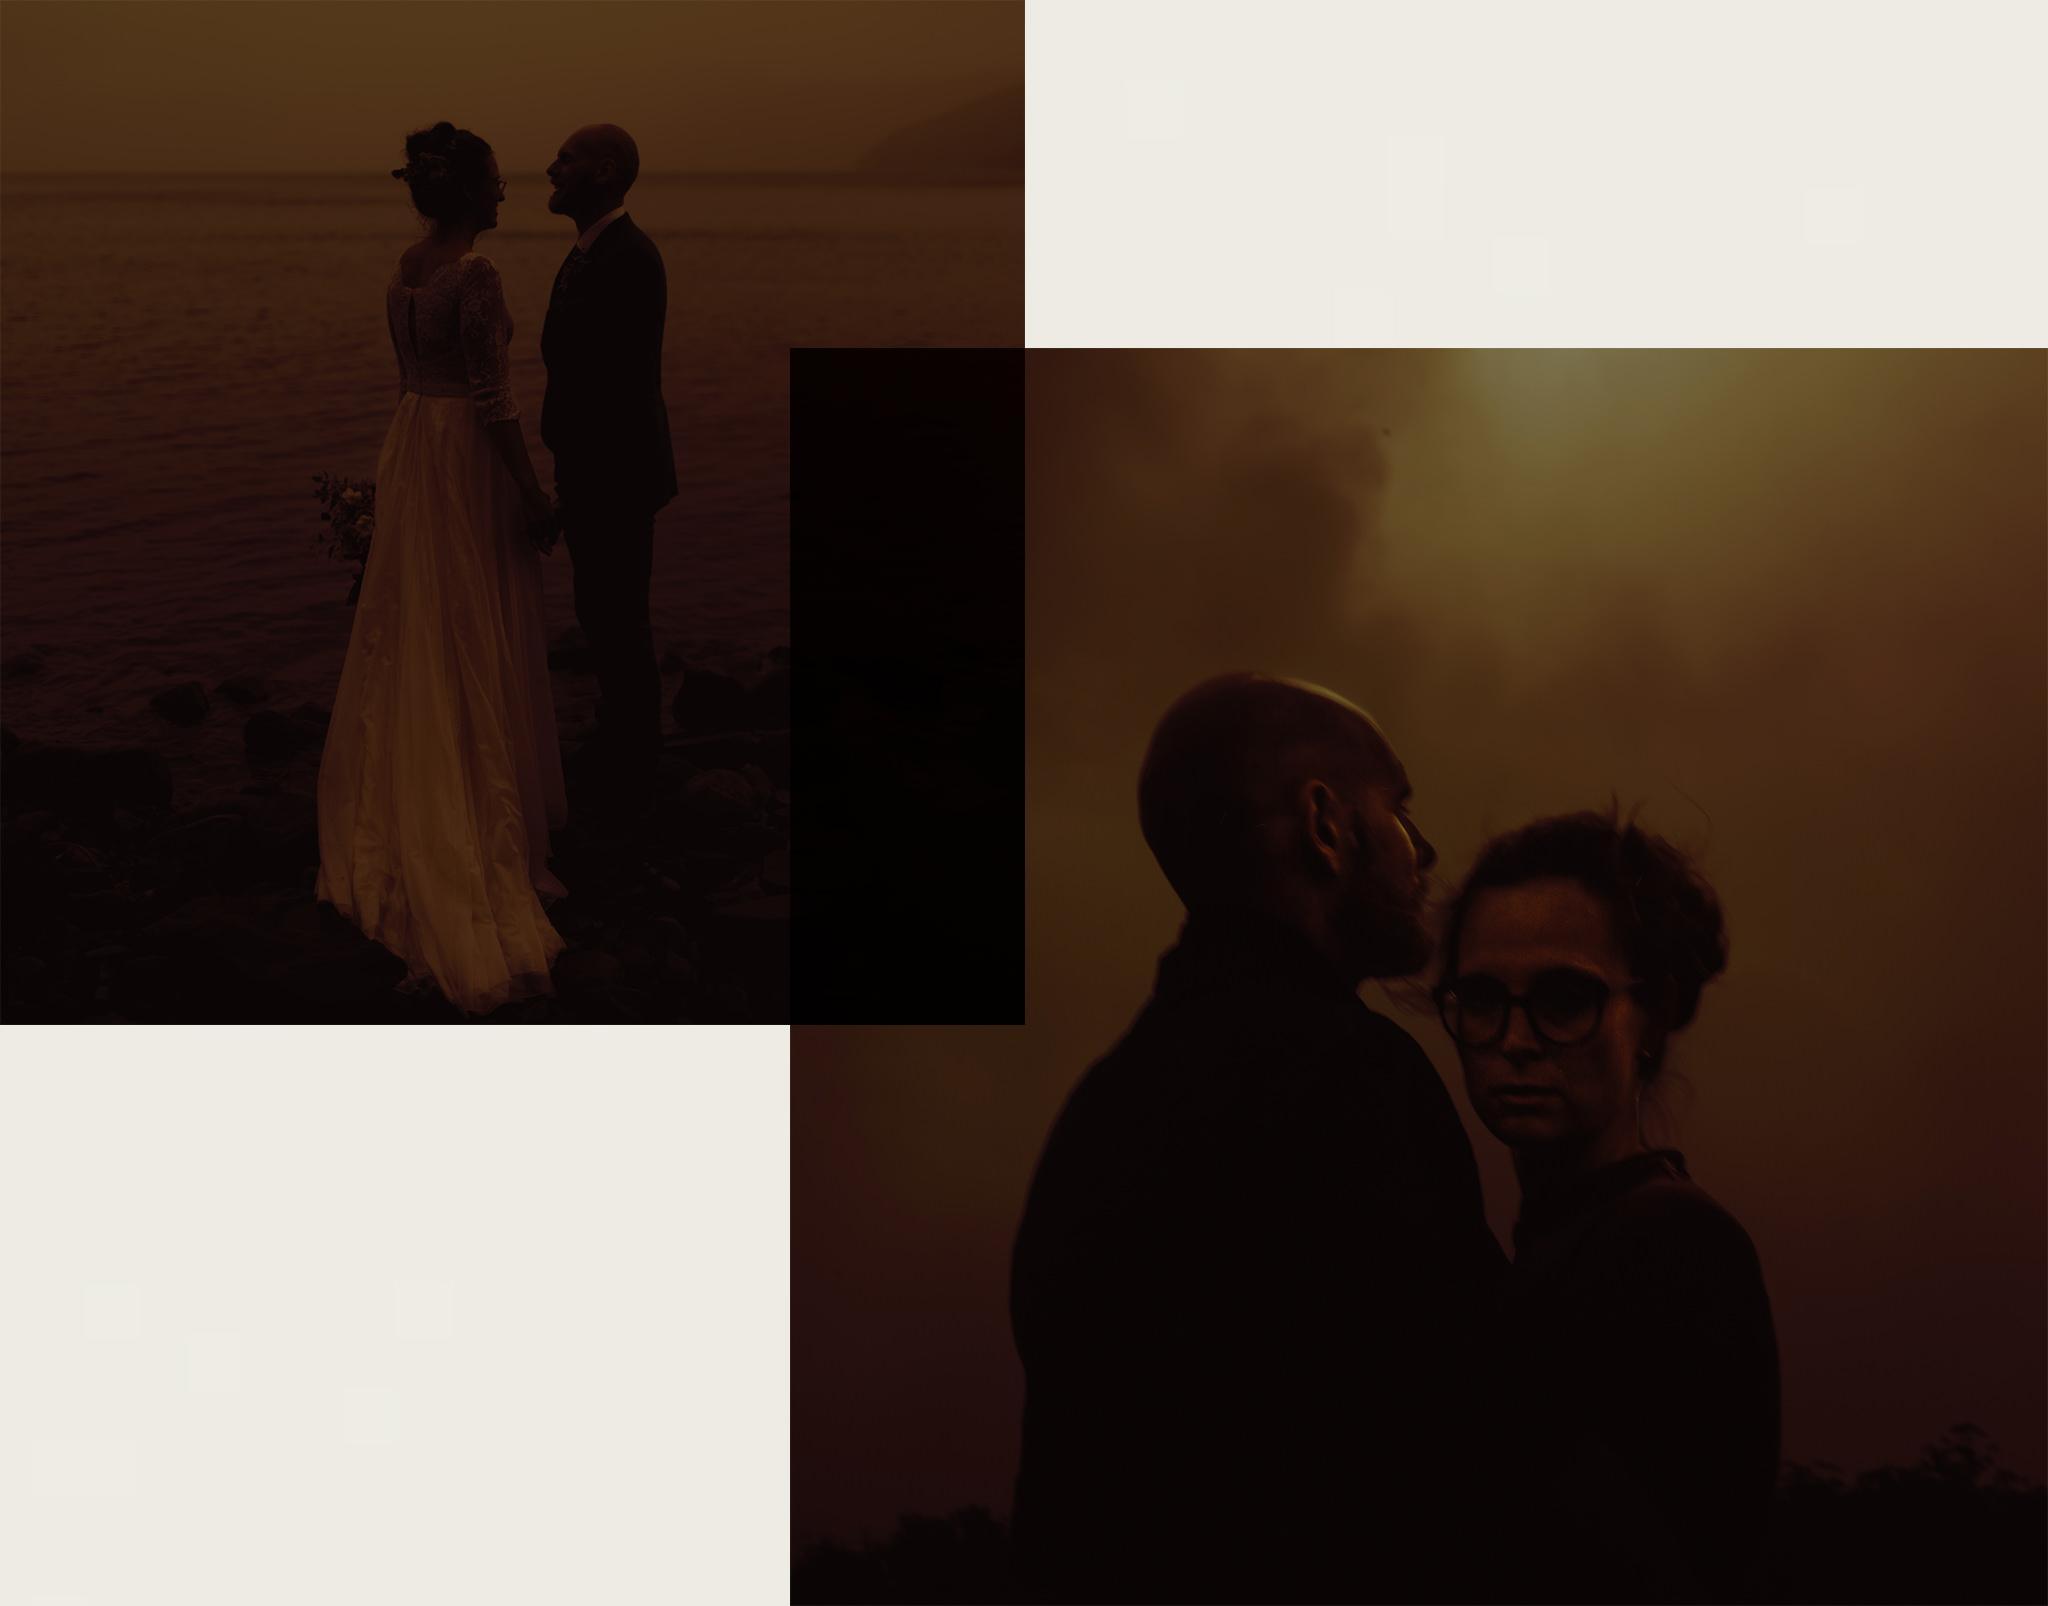 Pumphouse_Point_wedding_photography_elopement627.JPG